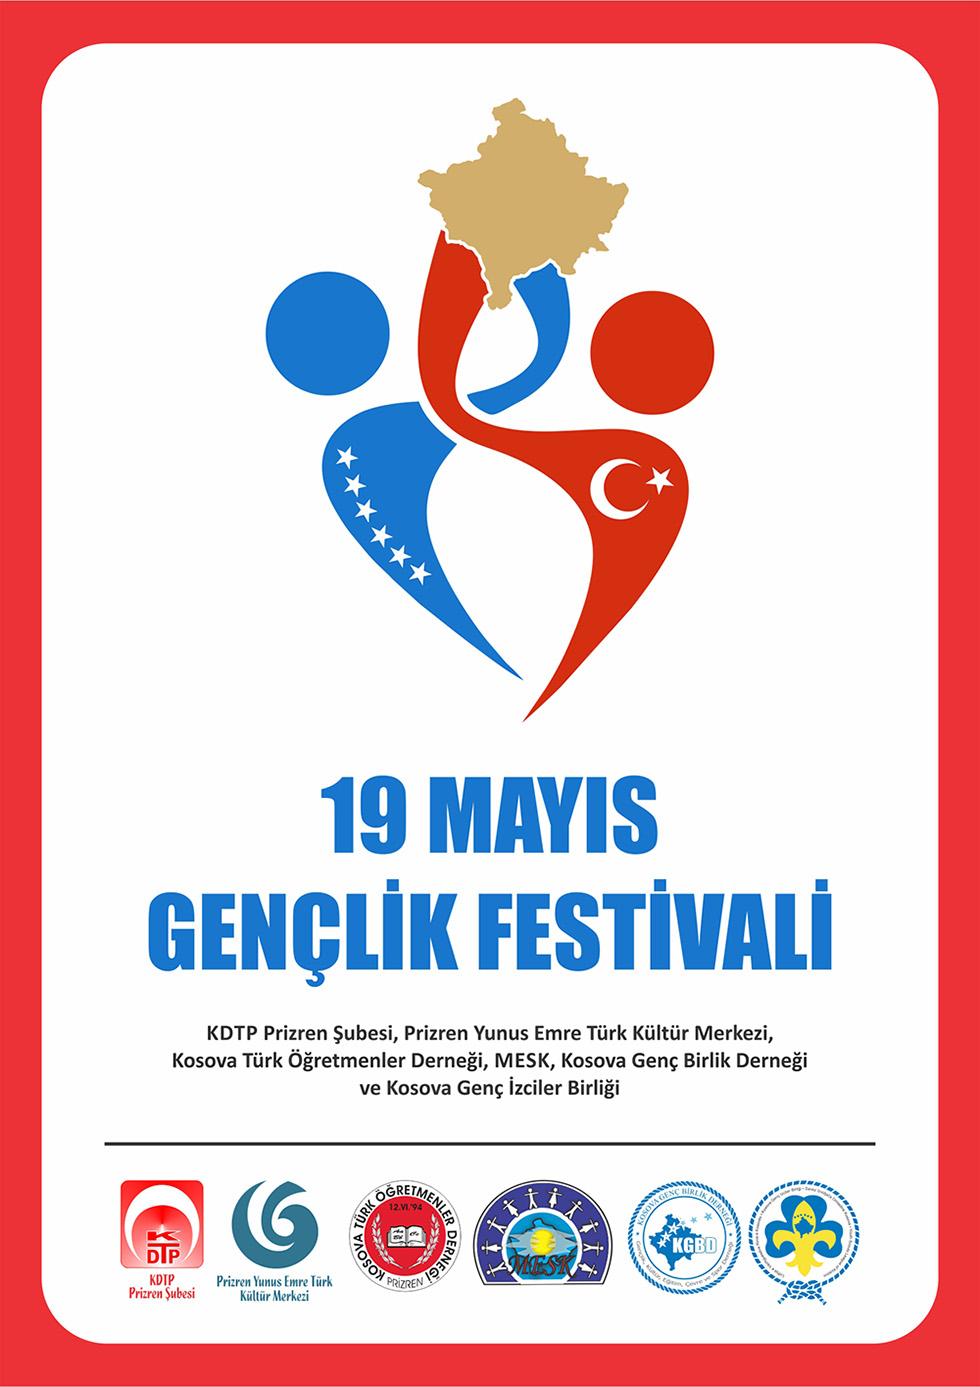 19 Mayıs Gençlik Festivali Programı